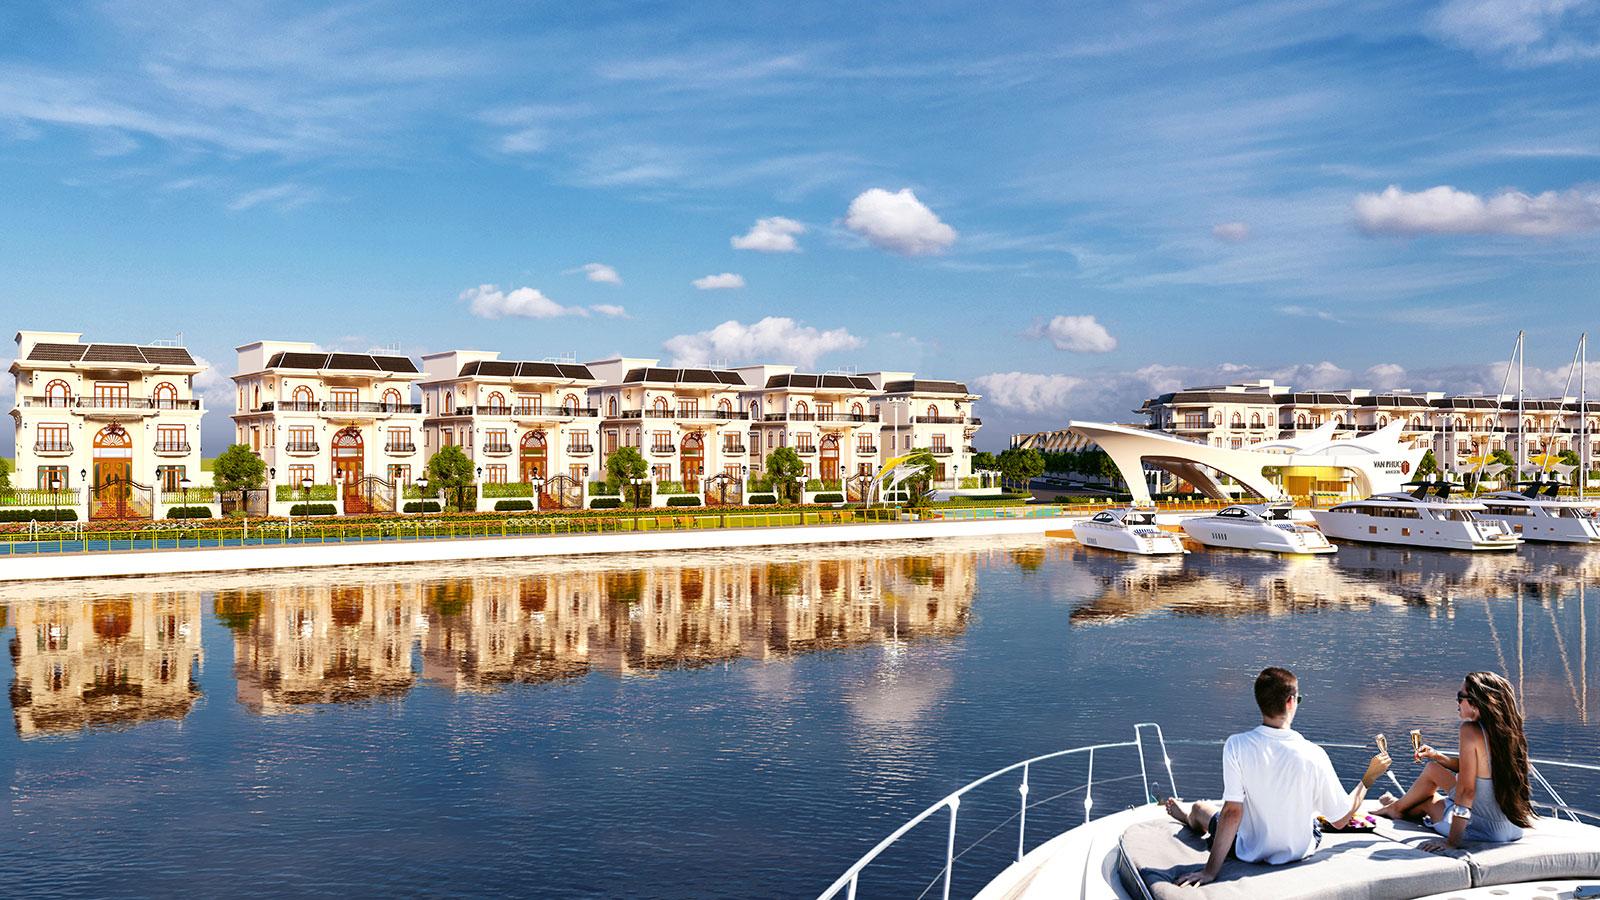 Dai Phuc River View Bình Thạnh – Bán đảo dân cư hiện đại với nhiều tiện ích hấp dẫn. 3